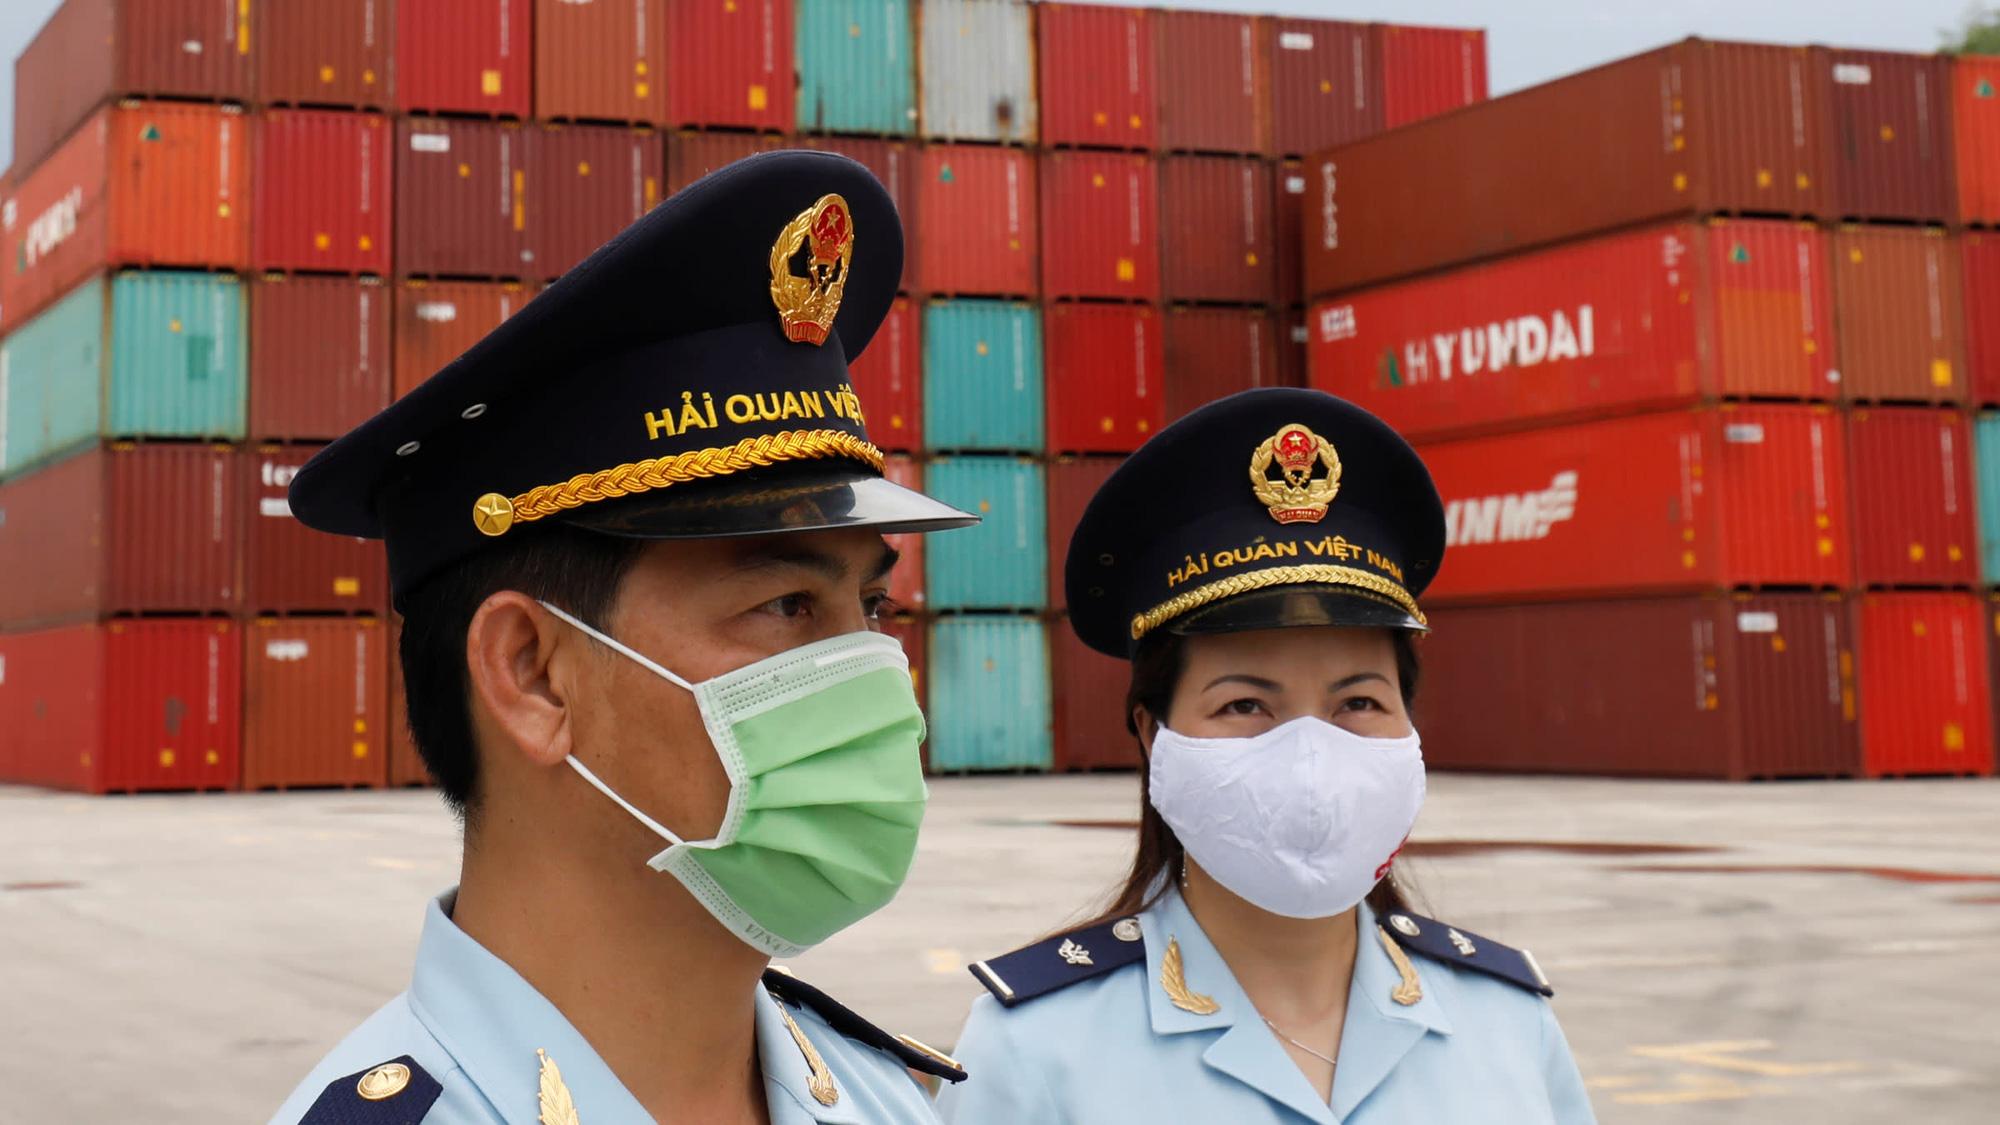 Kinh tế Việt Nam có thể tăng trưởng mạnh nhất châu Á năm 2021 - Ảnh 1.